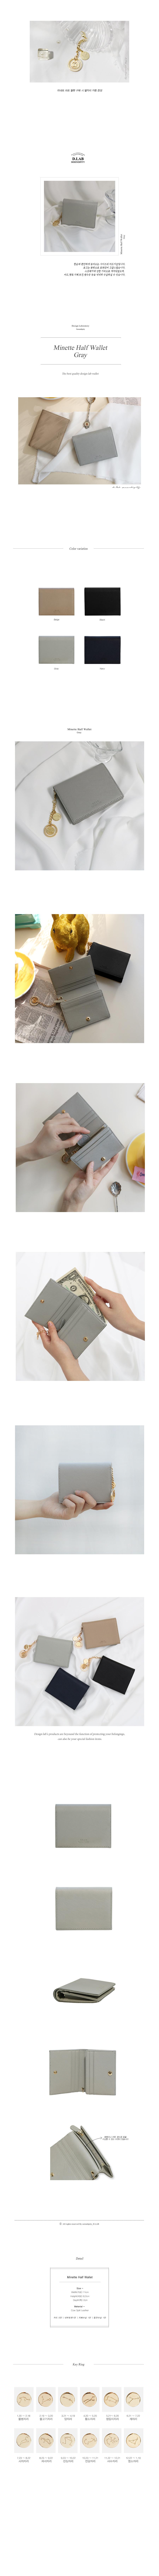 디랩(D.LAB) D.LAB Minette Half Wallet - Gray + 별자리키링 증정 반지갑